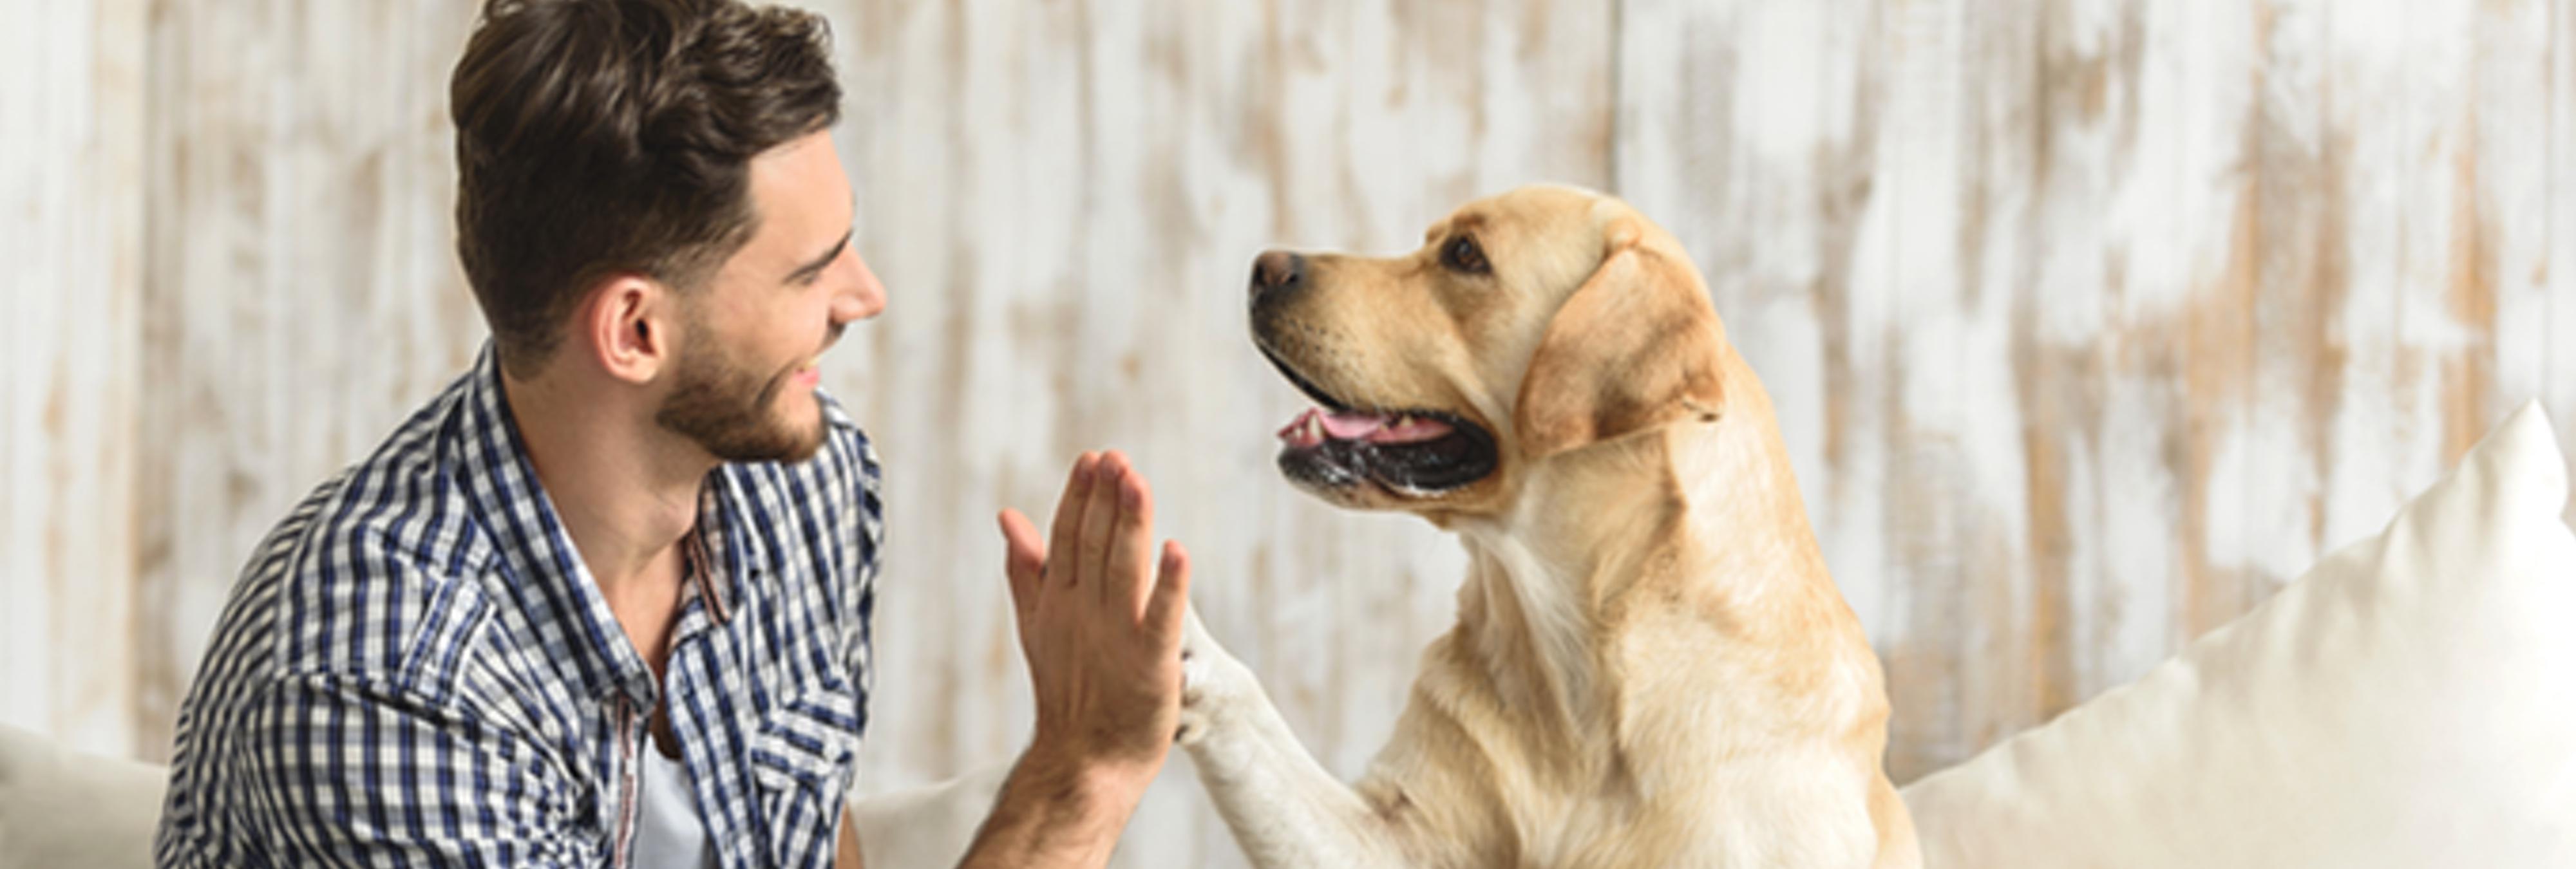 Dos gallegos desarrollan una tecnología que te dice cómo se siente tu mascota